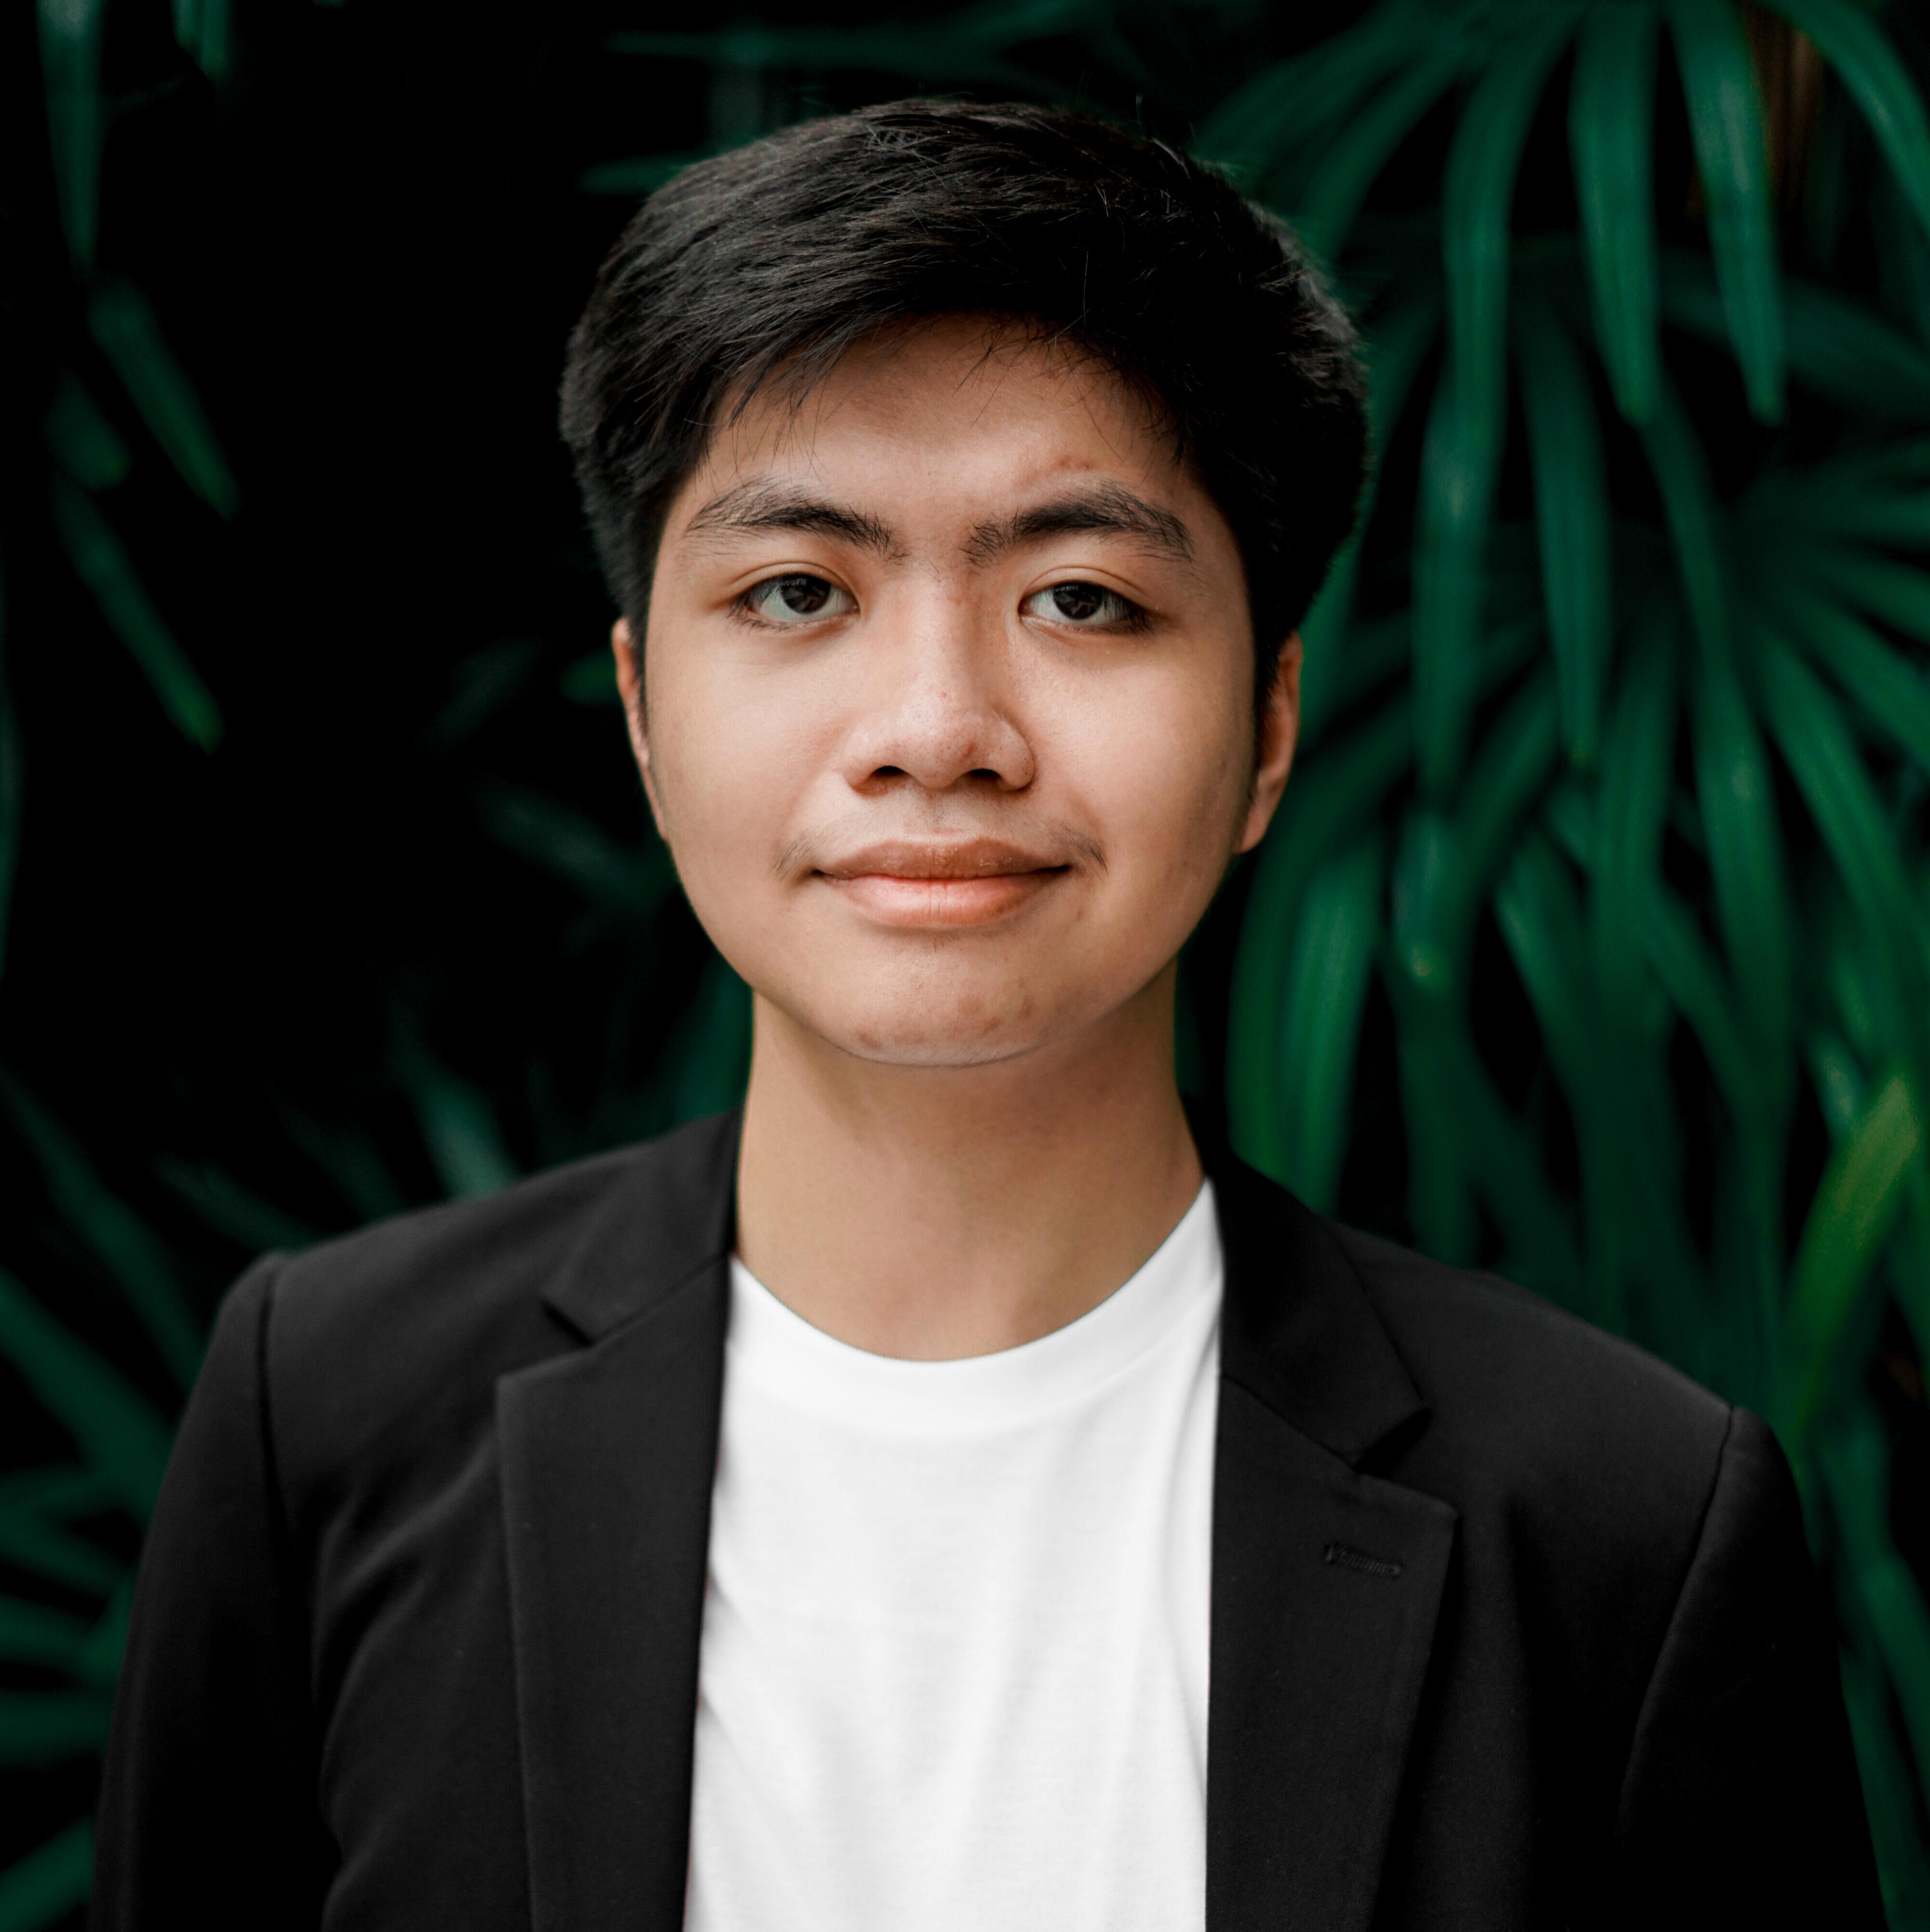 Nguyễn Tô Vĩnh Huy